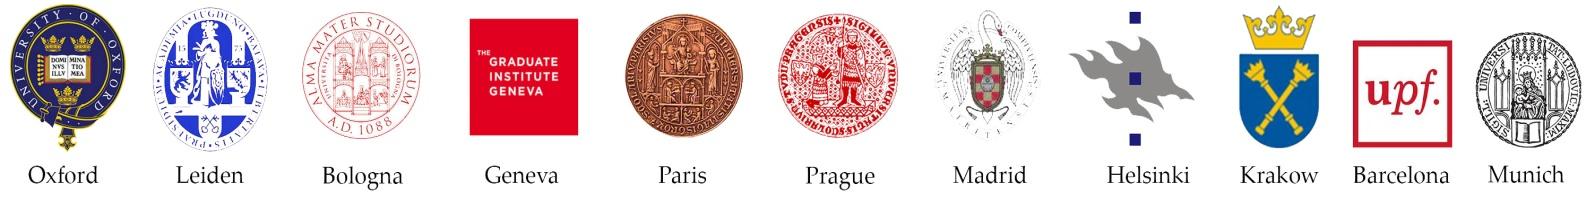 Europaeum logos de Universidades miembro